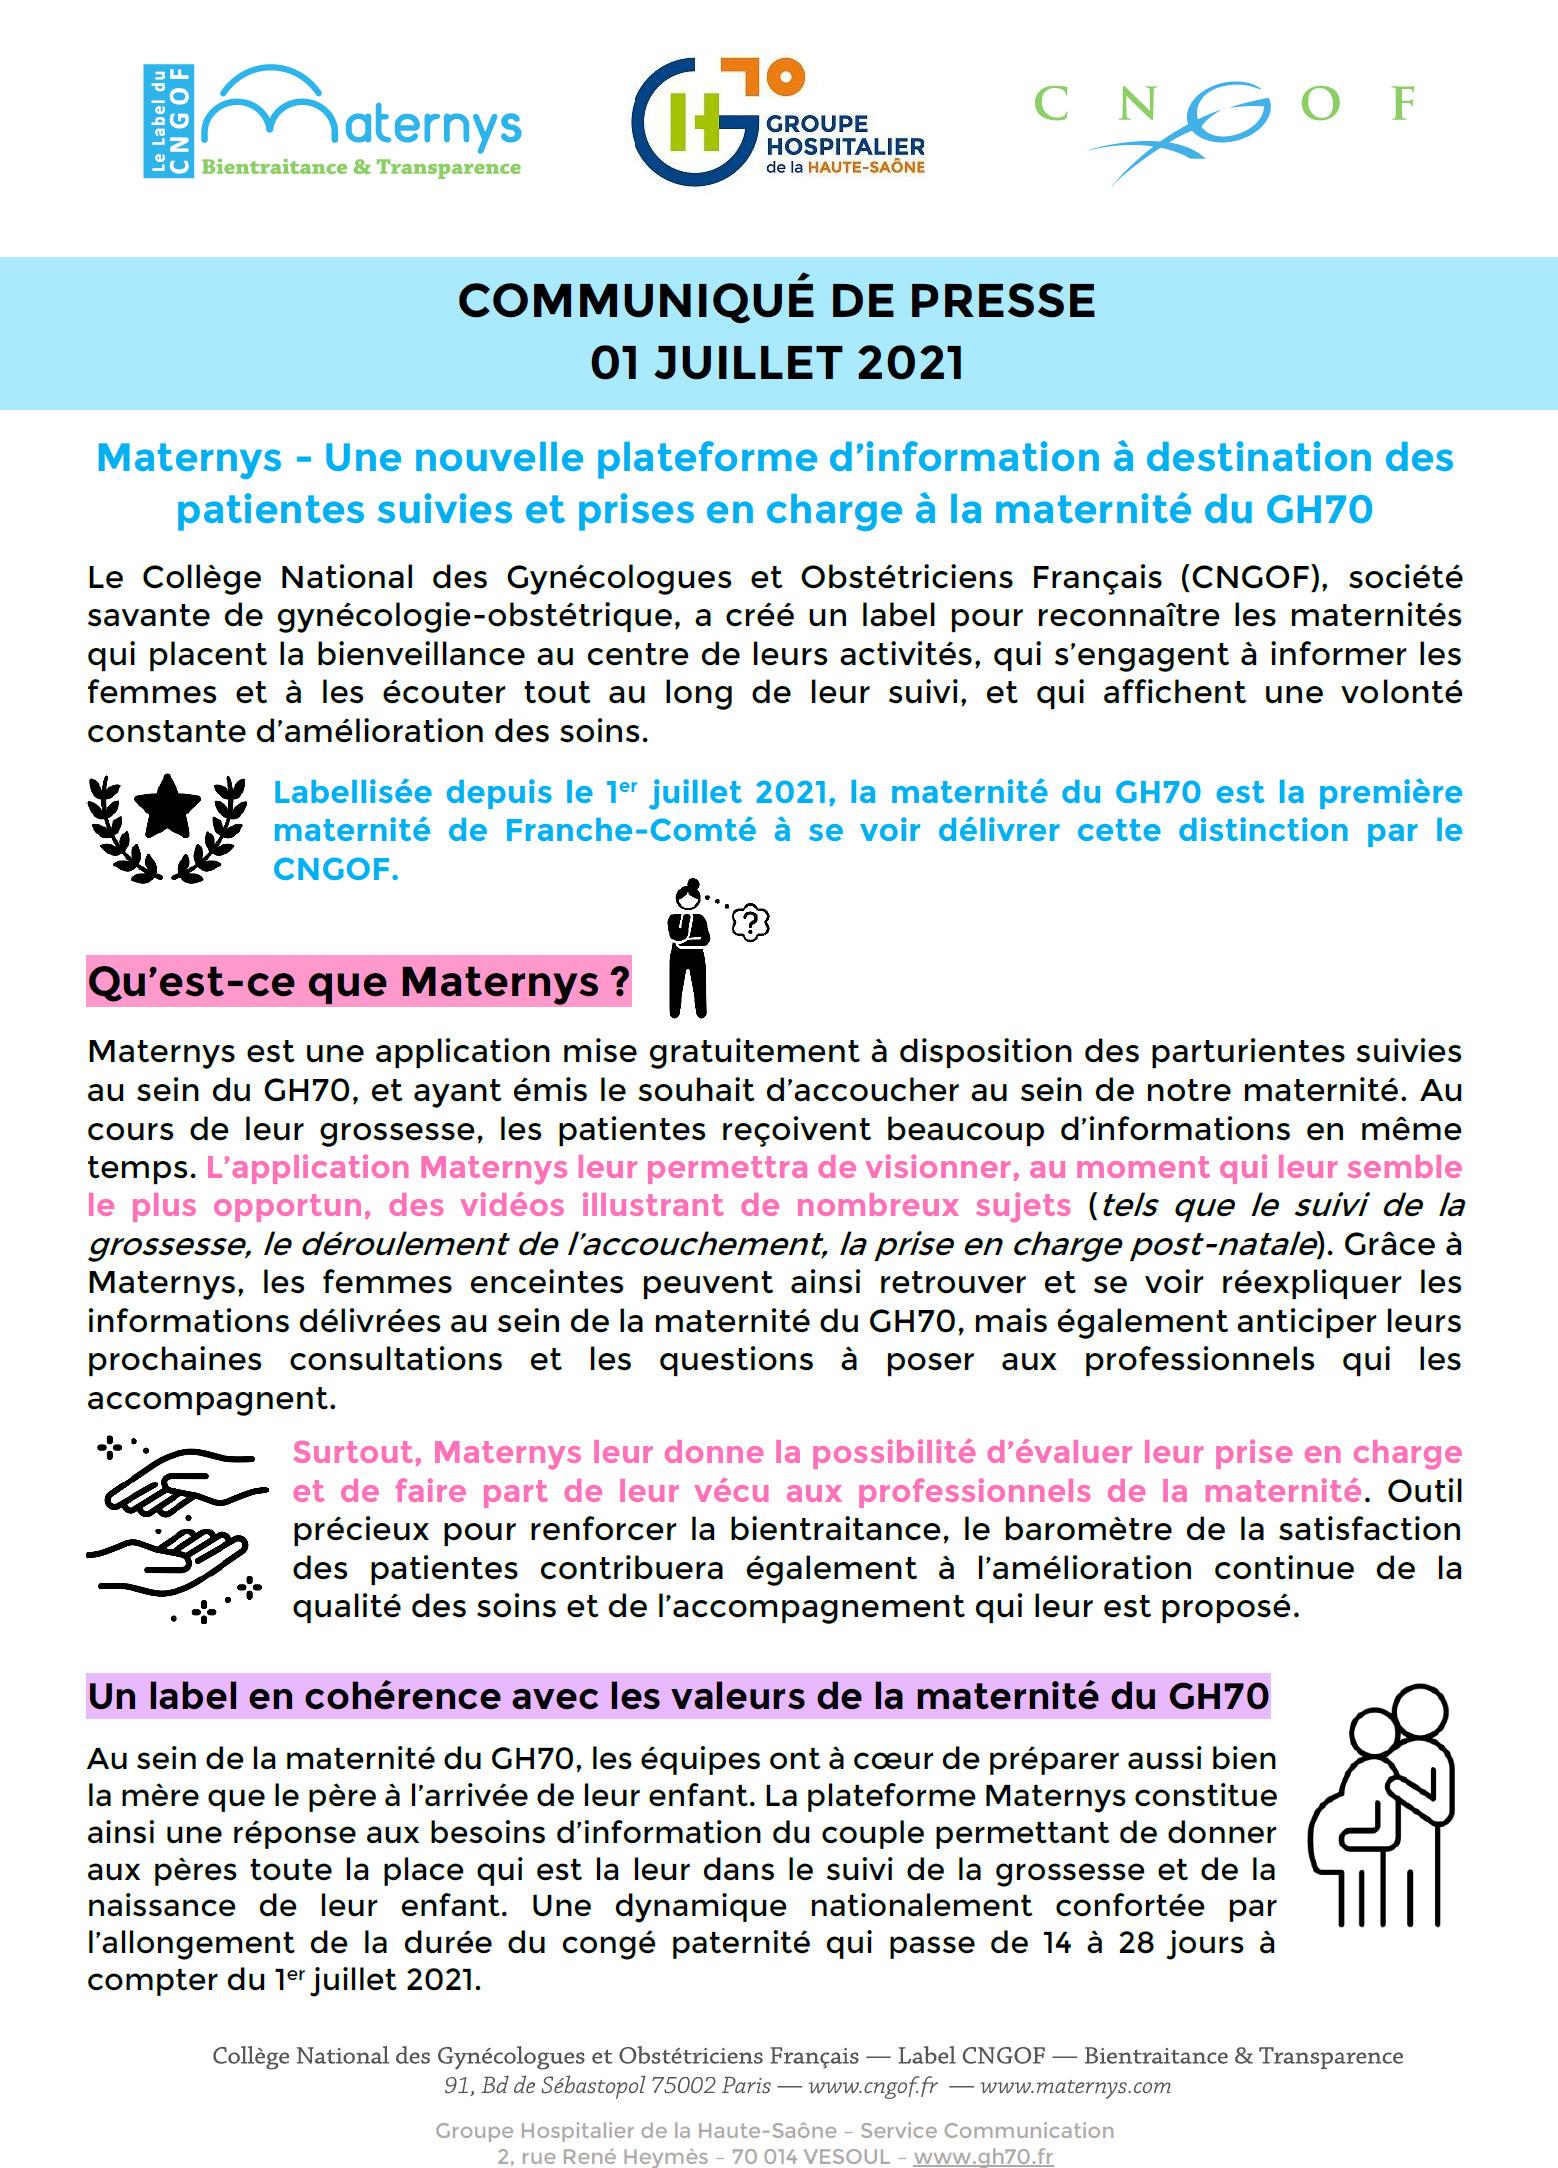 Maternys : une nouvelle plateforme d'information à destination des patientes suivies et prises en charge à la maternité du GH70